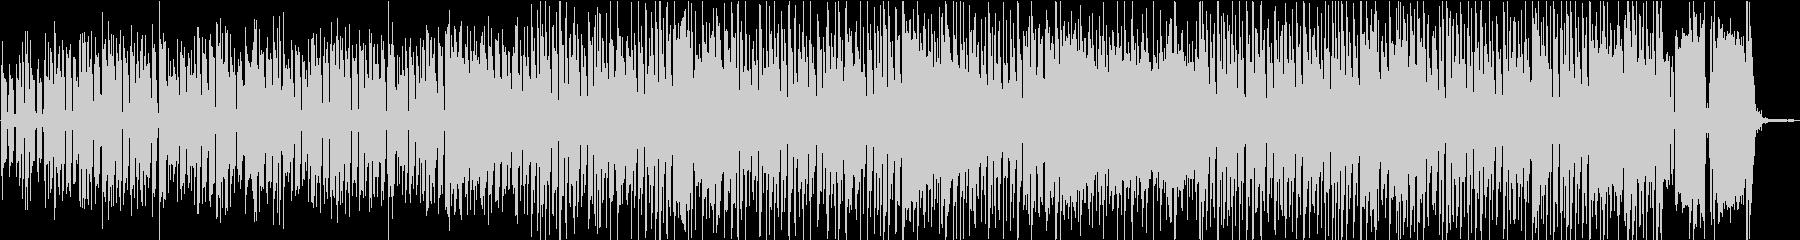 コミカルでレトロ感のあるトランペットの未再生の波形